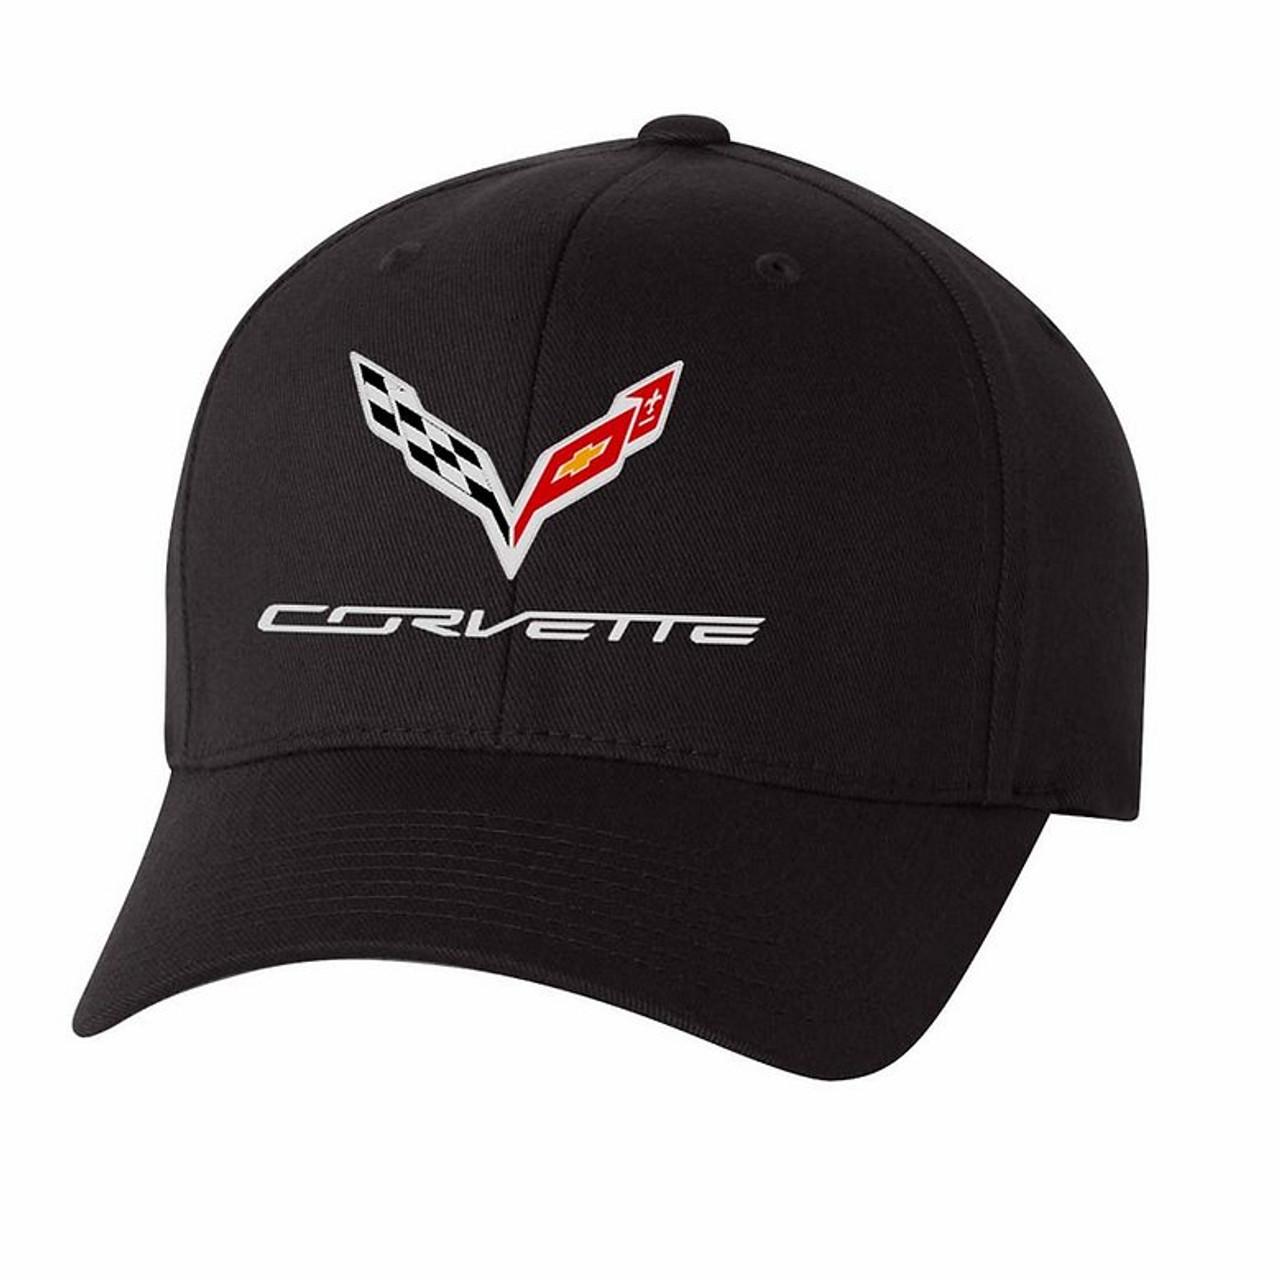 C7 Corvette Performance Flex Fit Black Hat